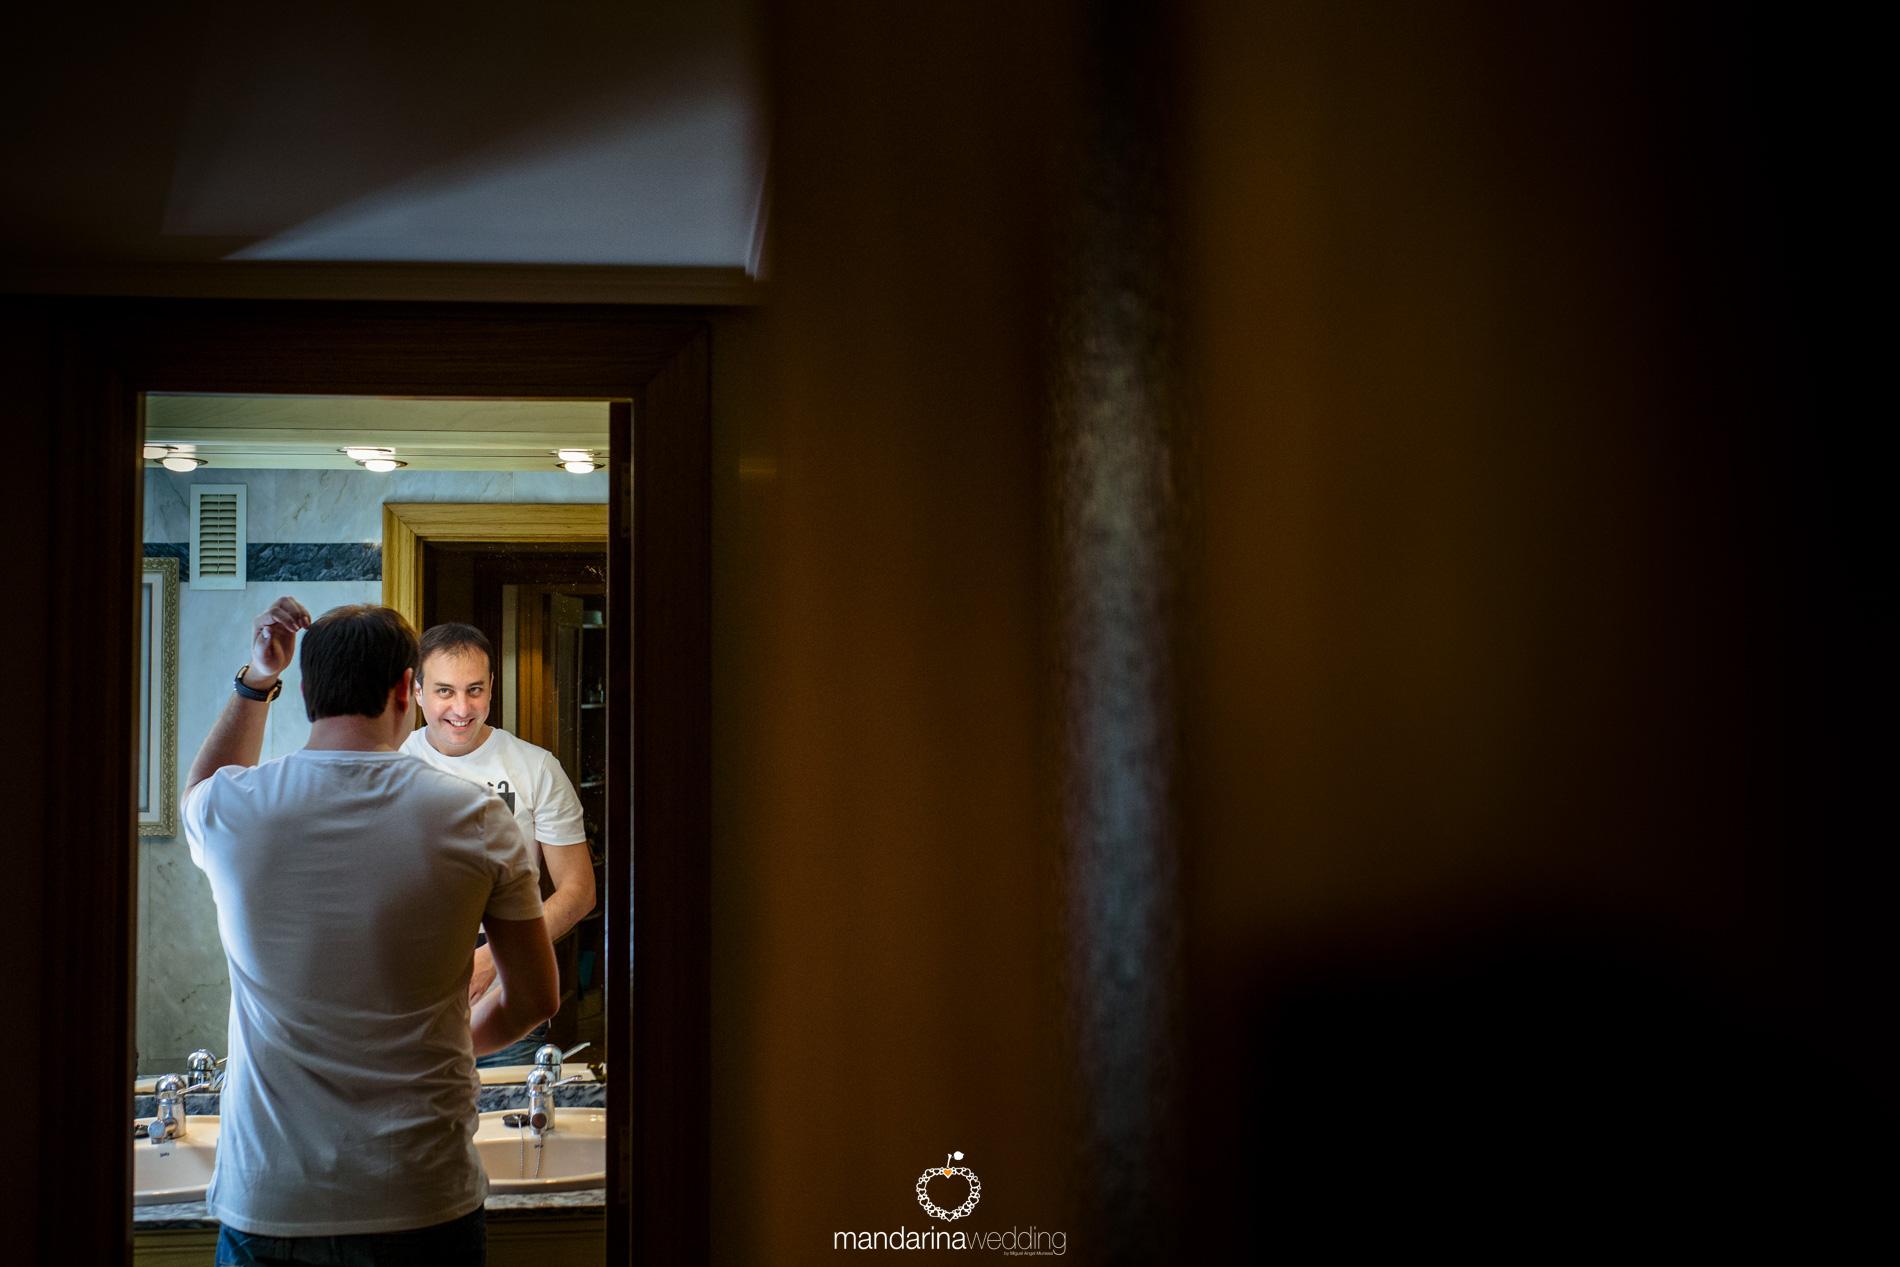 mandarina wedding, fotografo de boda, fotografo boda soria, fotografo boda barcelona, fotografo boda Madrid, fotografo boda lerida, fotografo boda Huesca, fotografo de destino_006